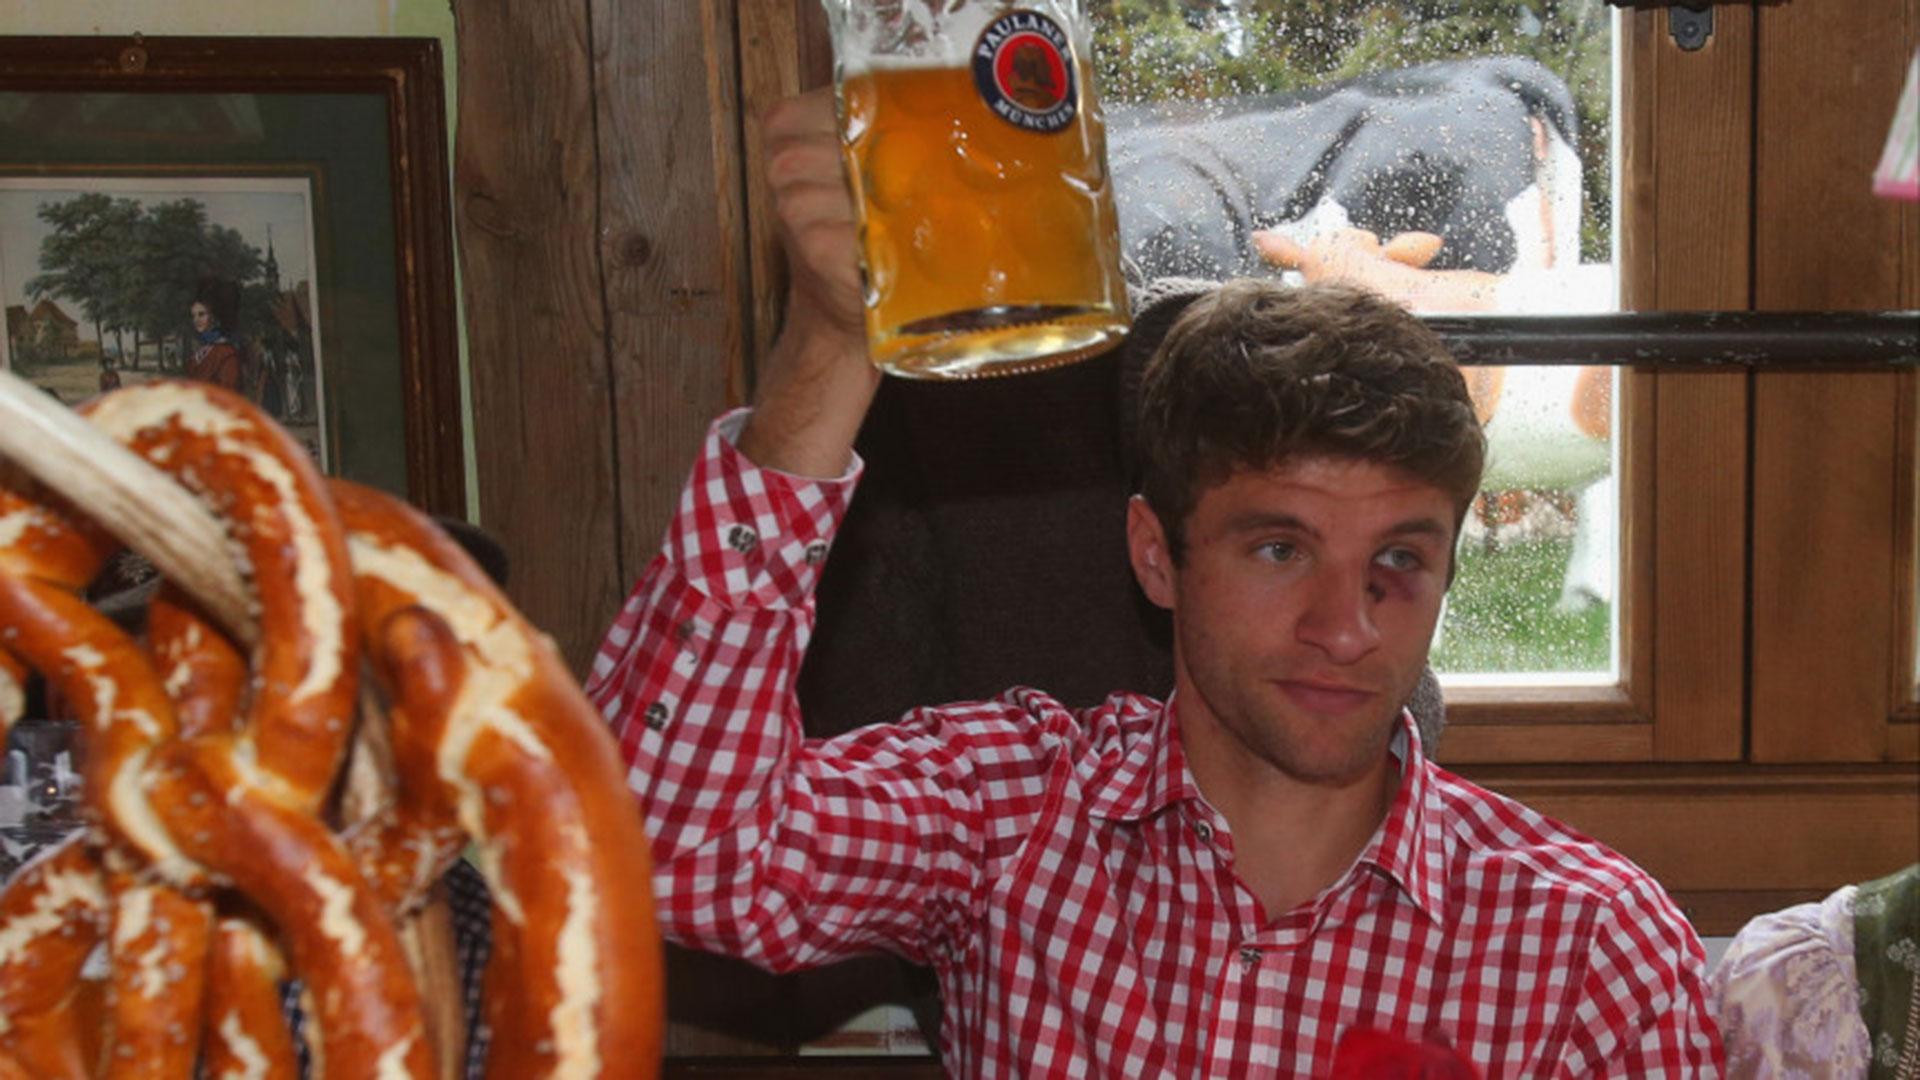 Thomas Muller, uno de los goleadores de Alemania, festeja con cerveza